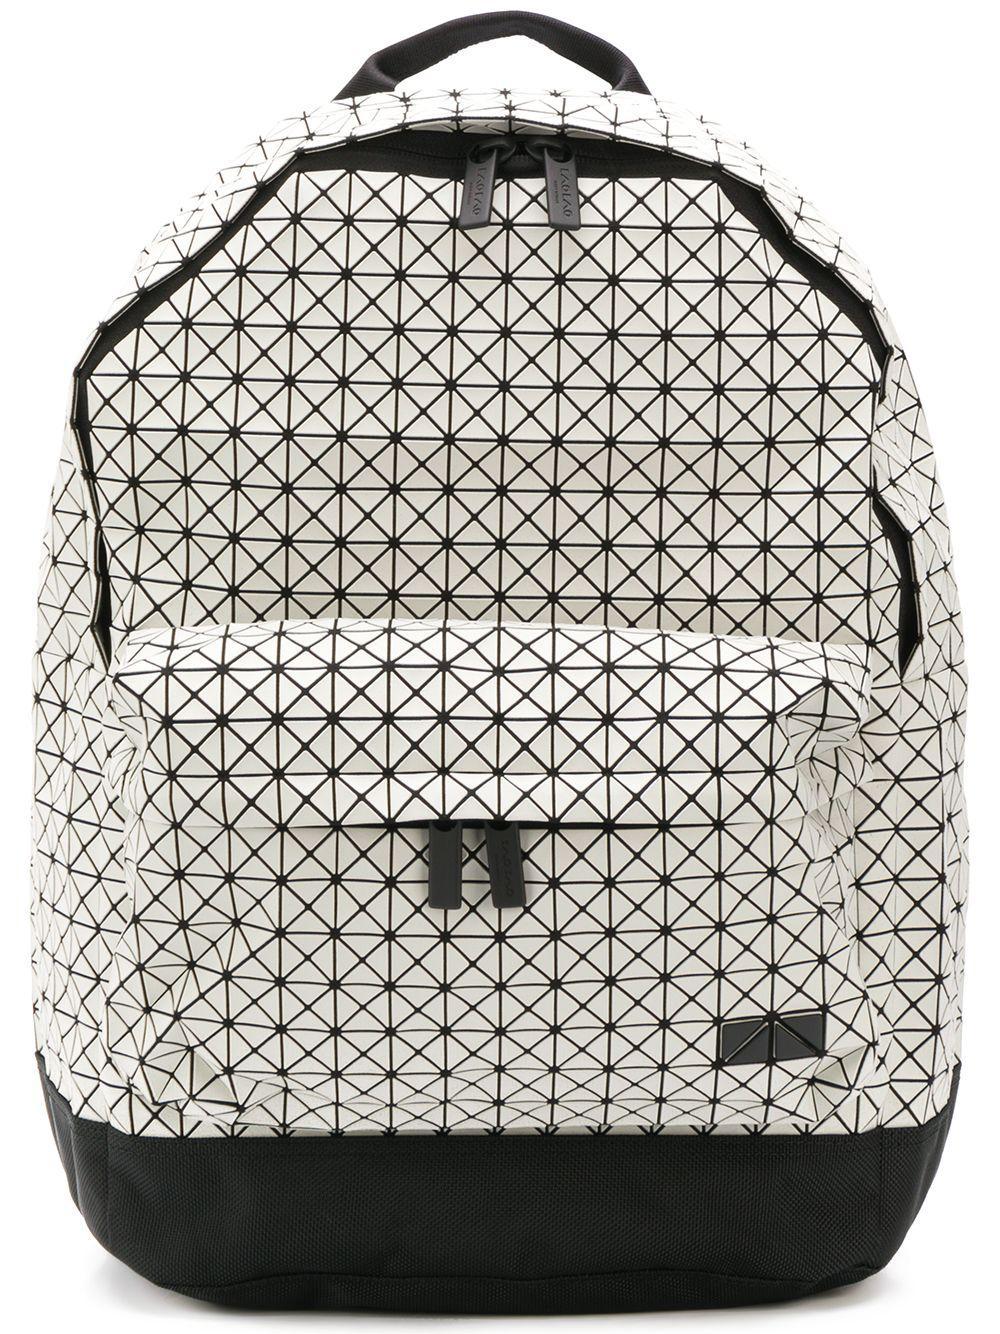 e6d80b0e604 Bao Bao Issey Miyake Daypack Geometric Backpack in Natural for Men ...